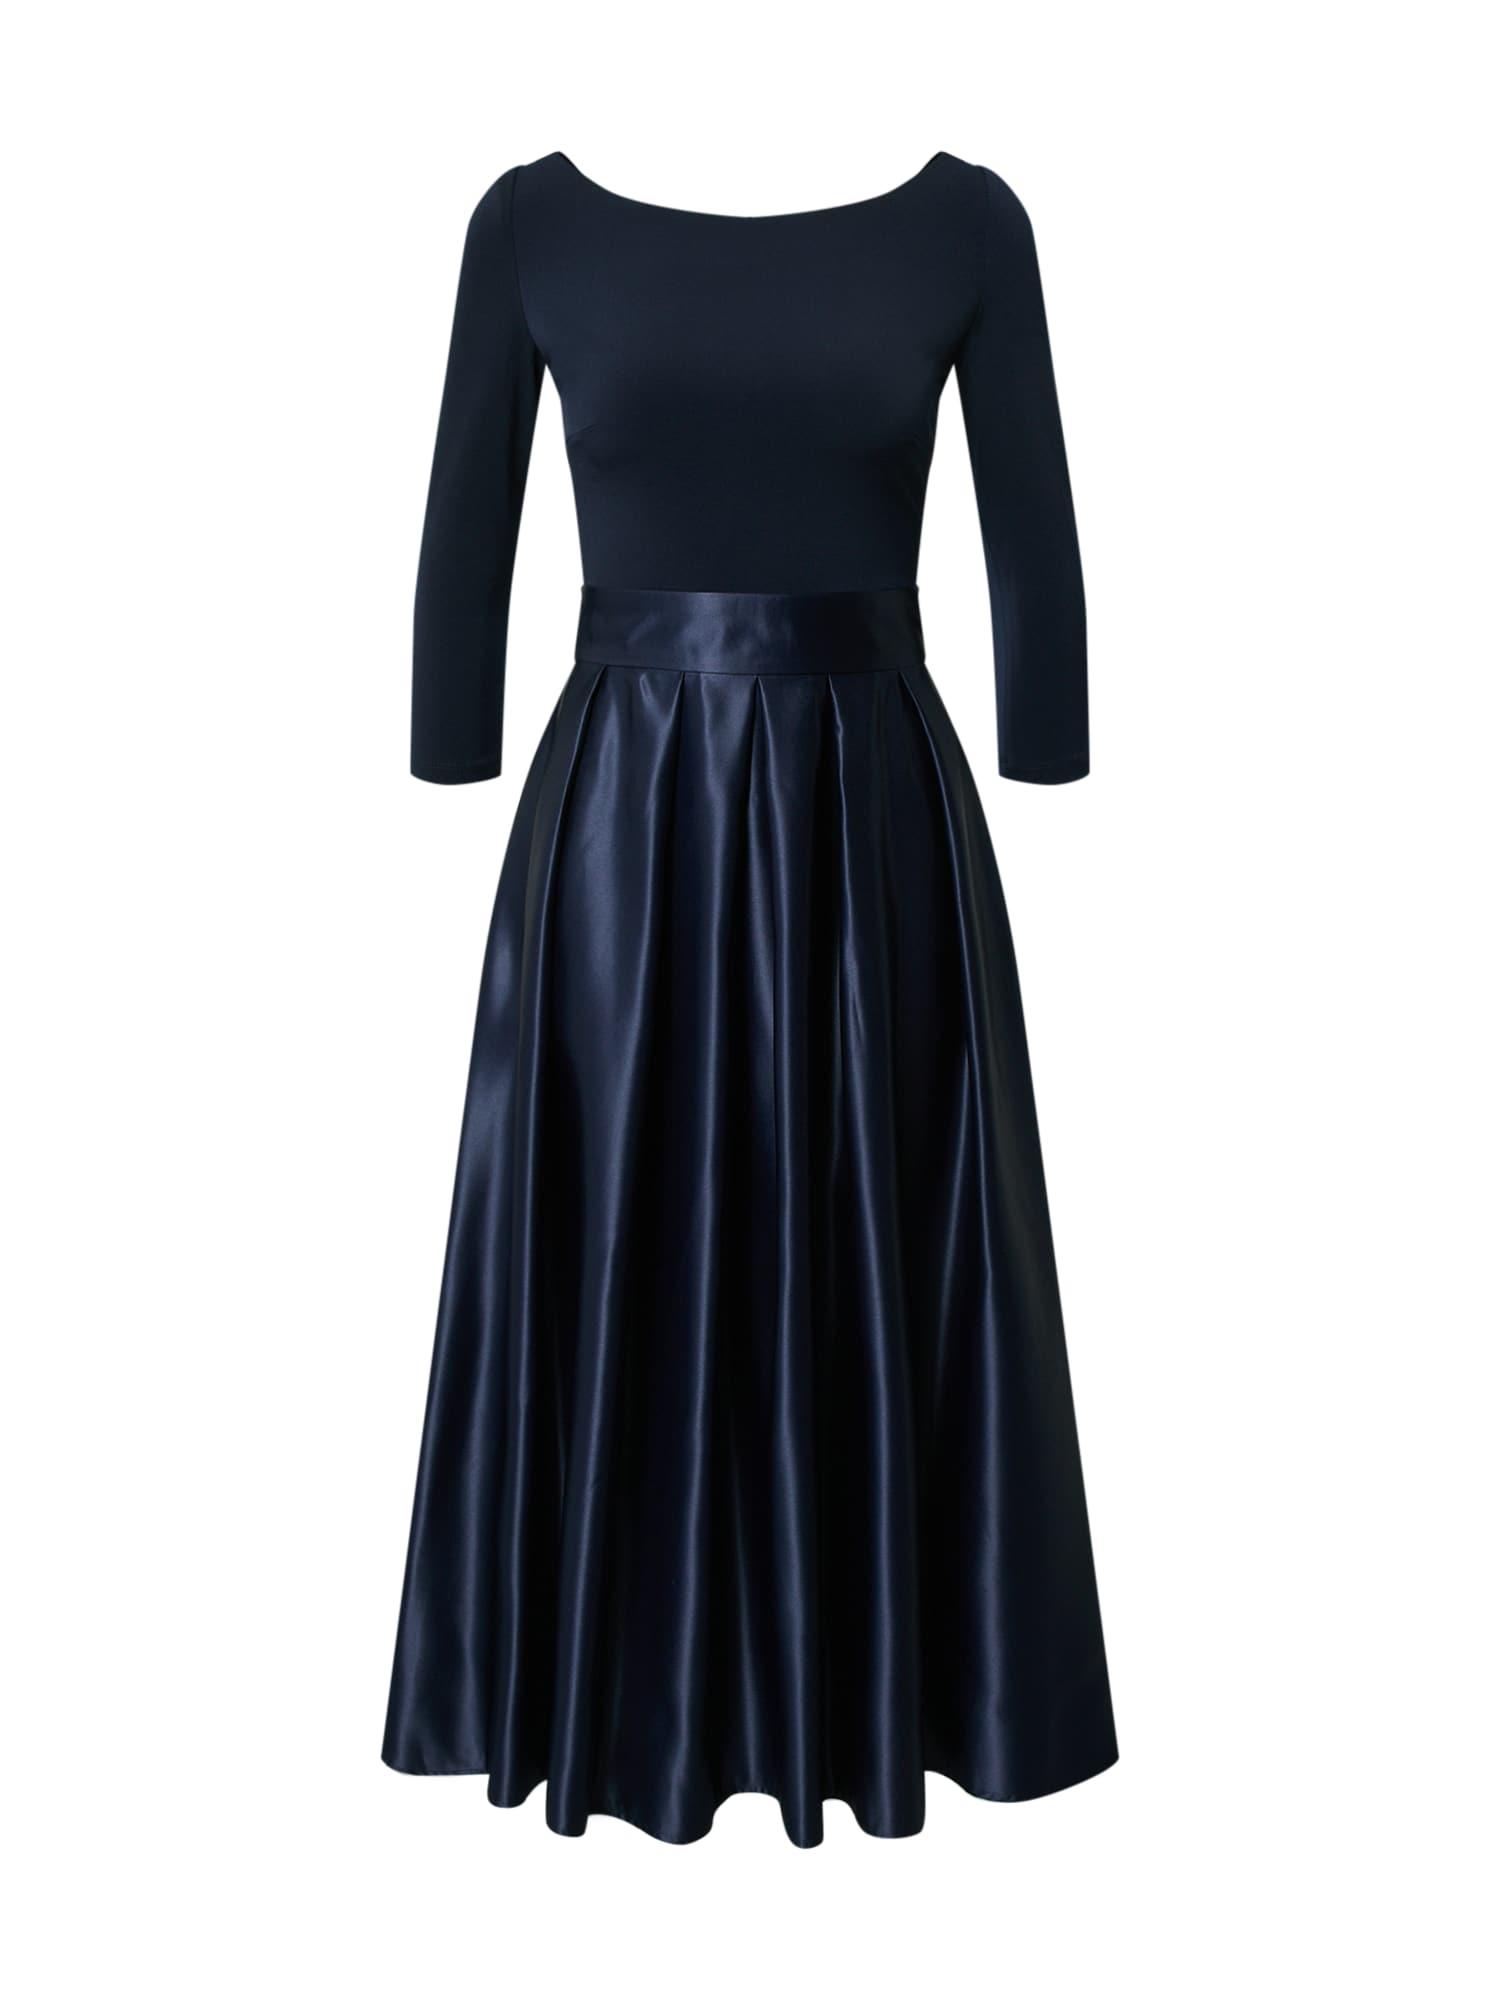 SWING Vakarinė suknelė nakties mėlyna